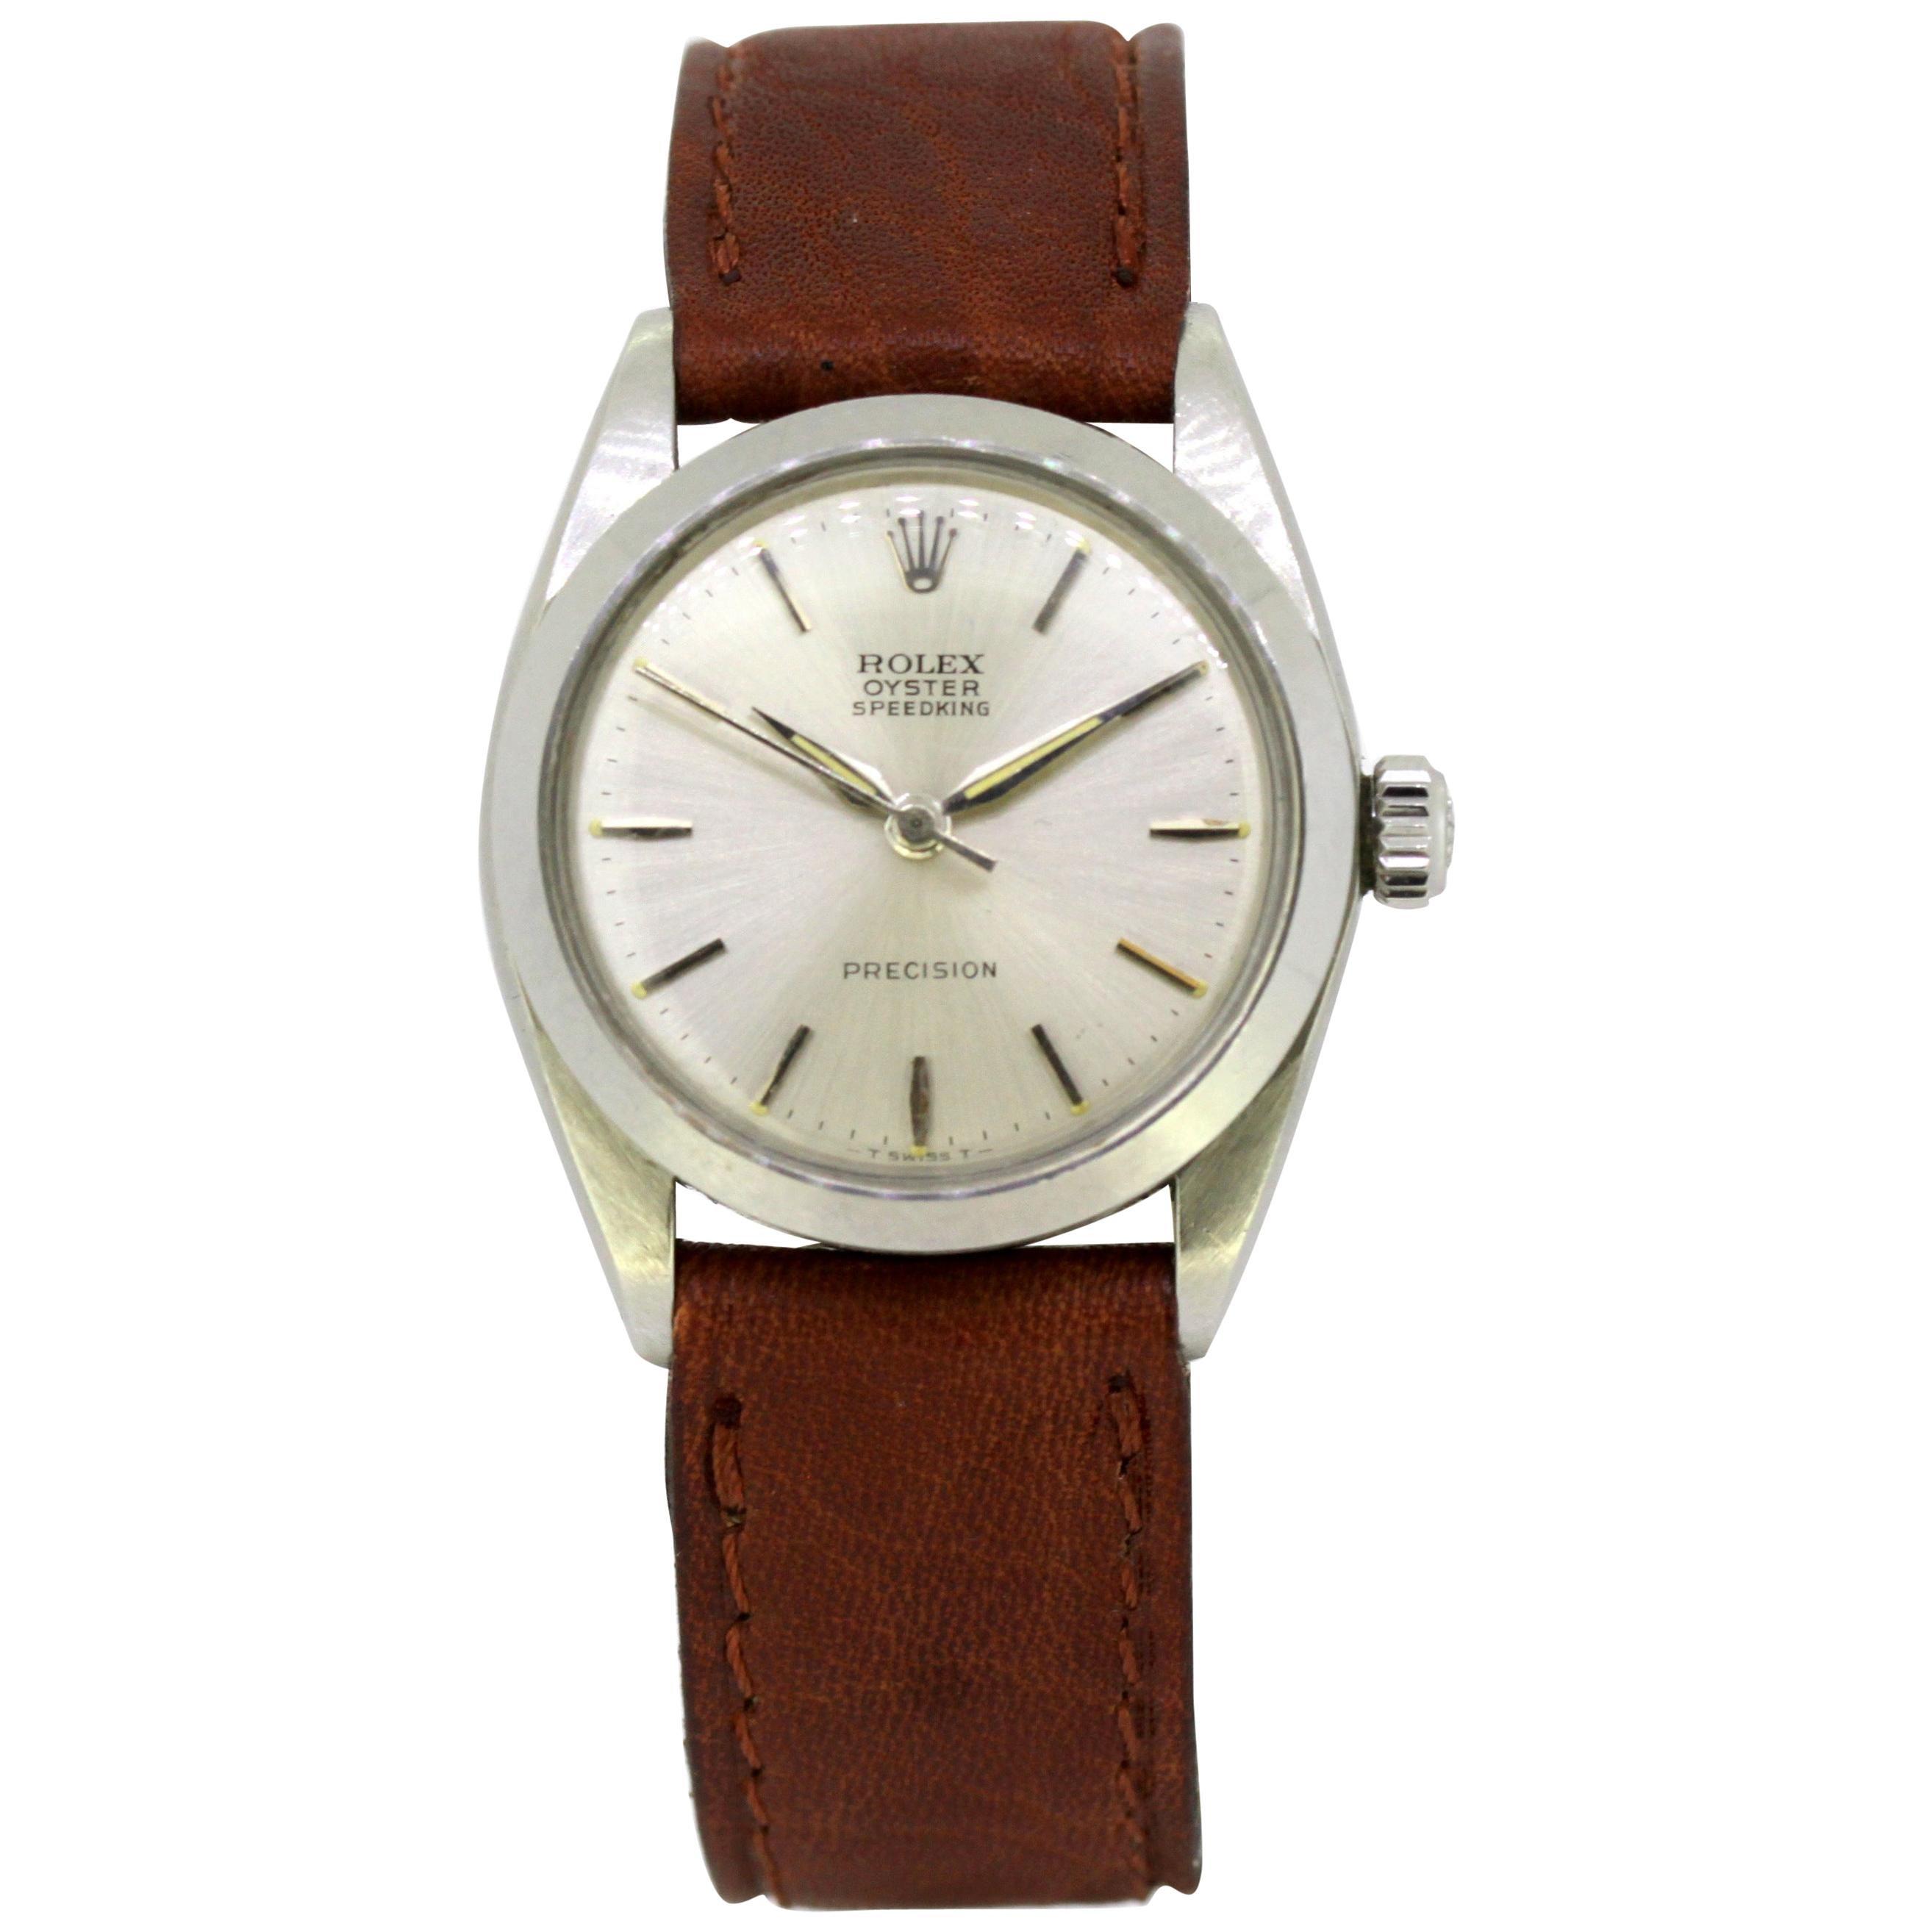 Rolex, Oyster Speedking, 6824, Unisex, 1960s